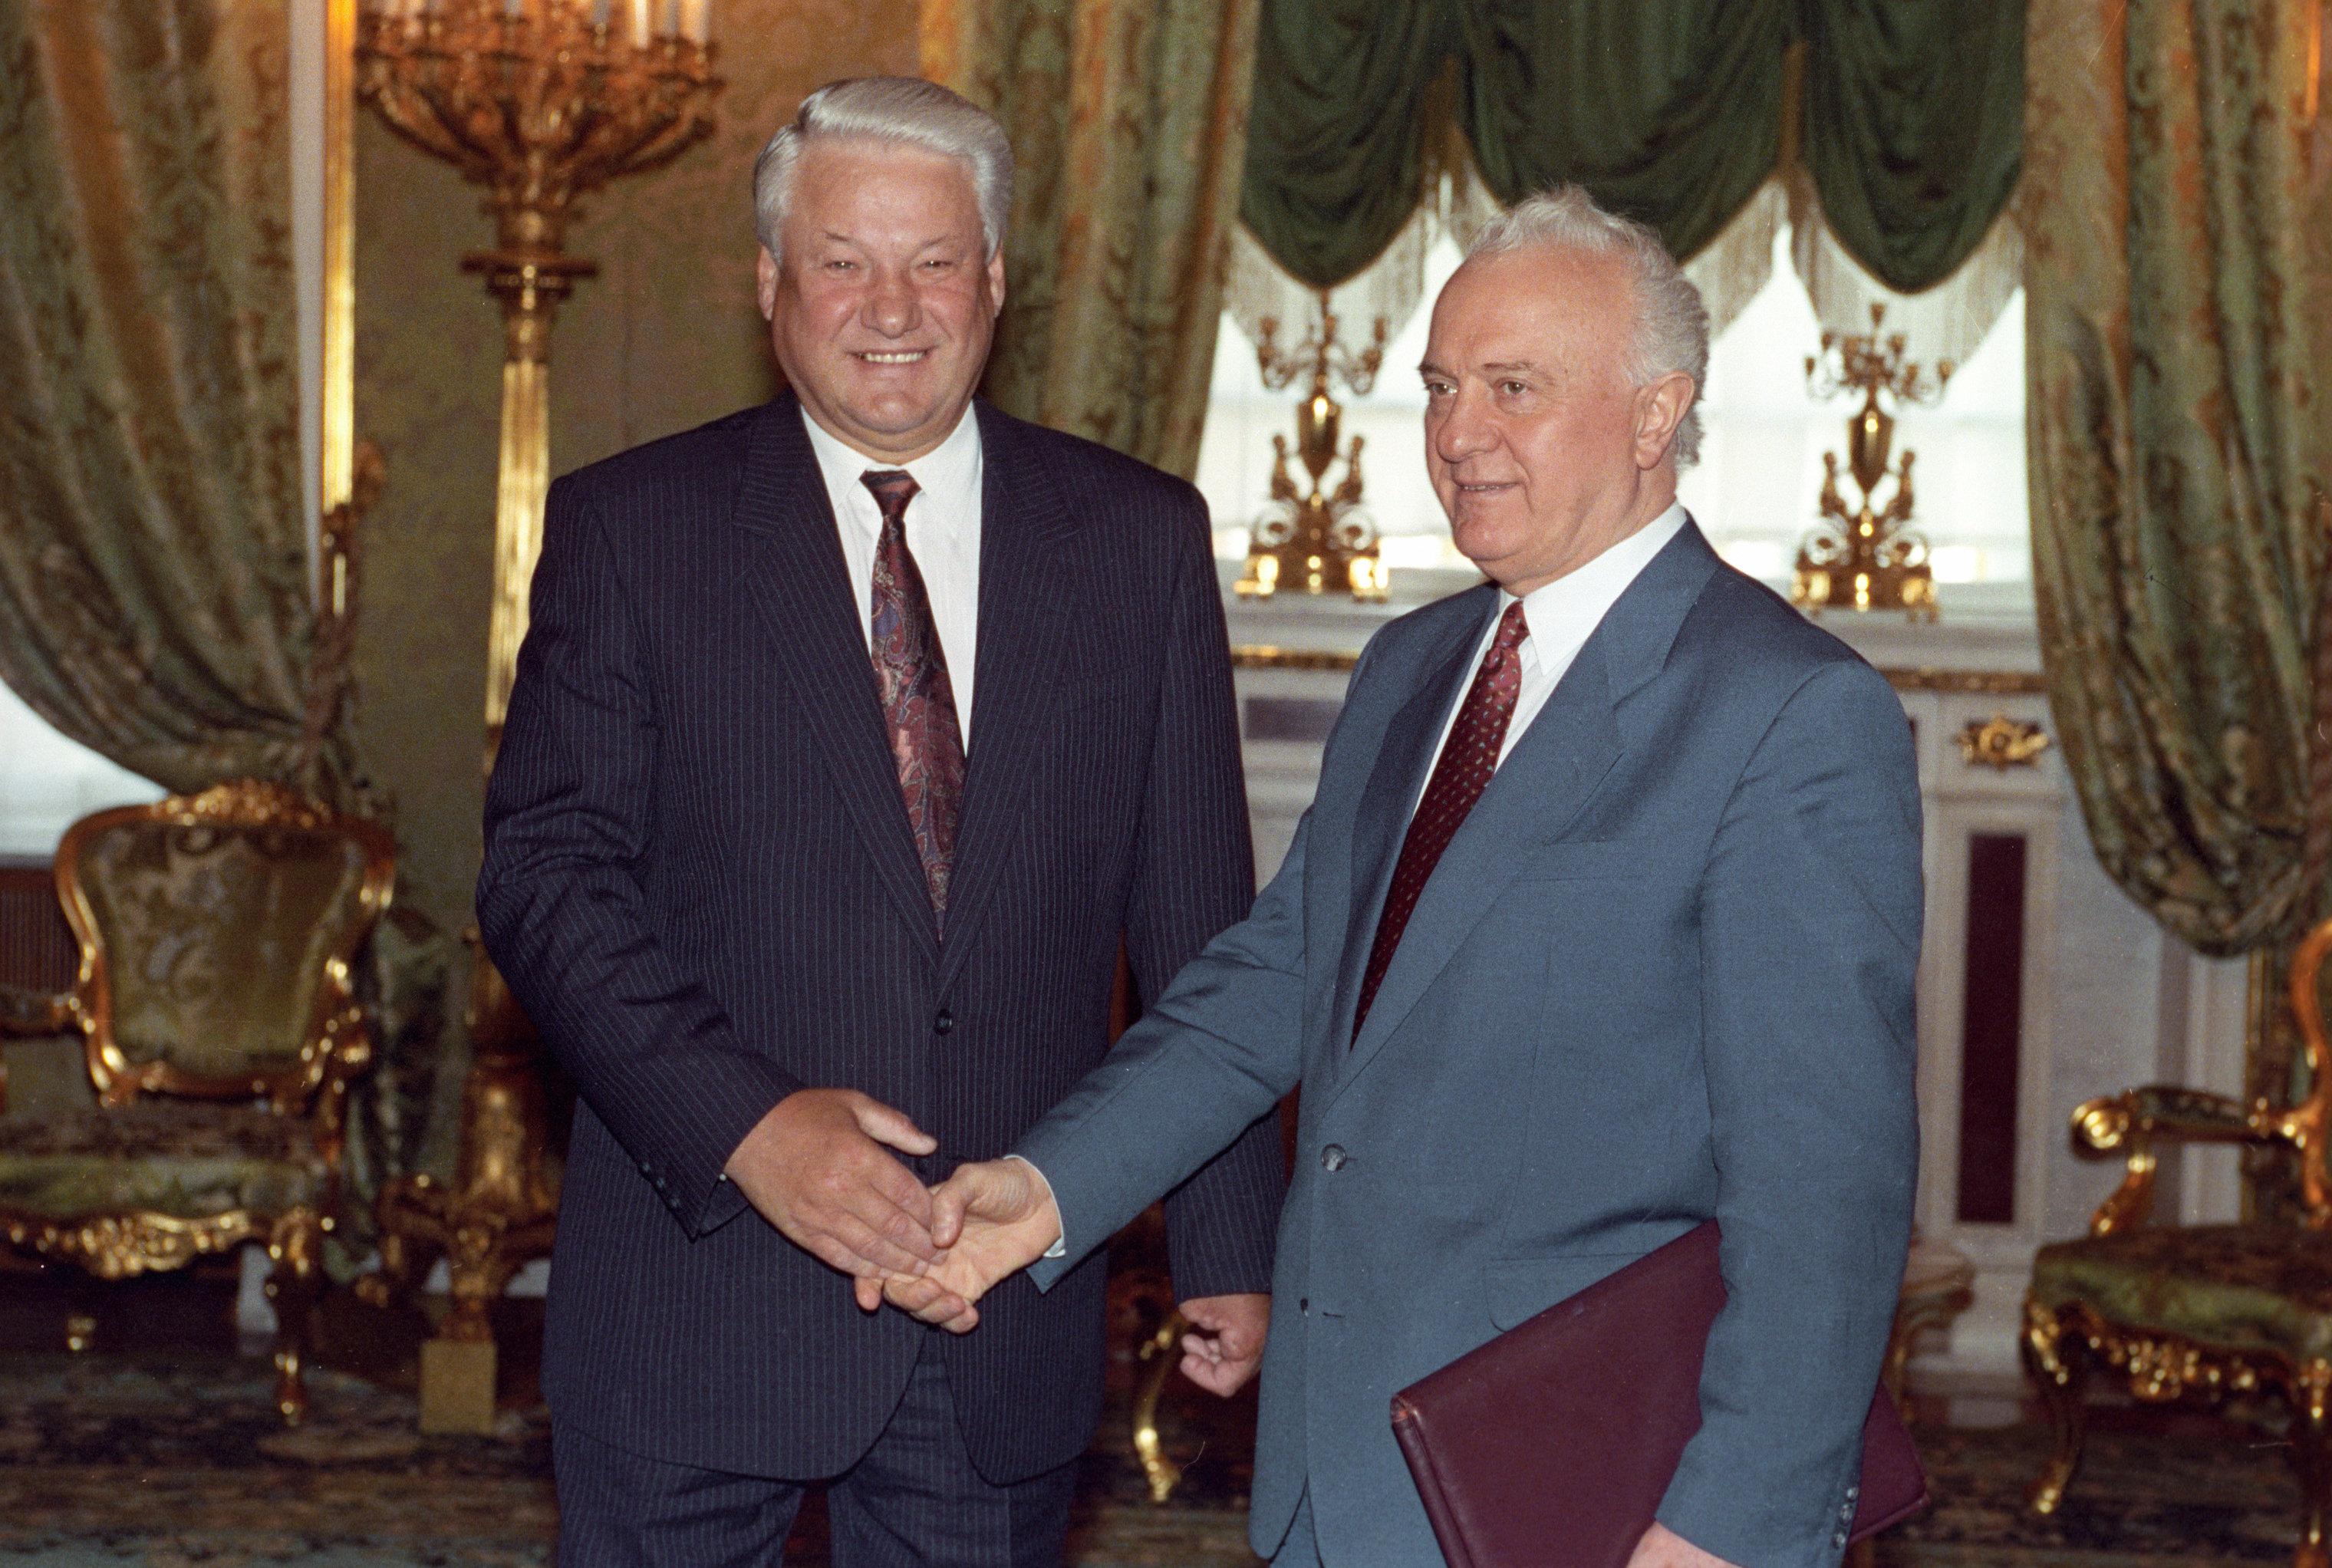 Встреча в Кремле президента Российской Федерации Бориса Николаевича Ельцина с председателем парламента Грузии Эдуардом Шеварднадзе